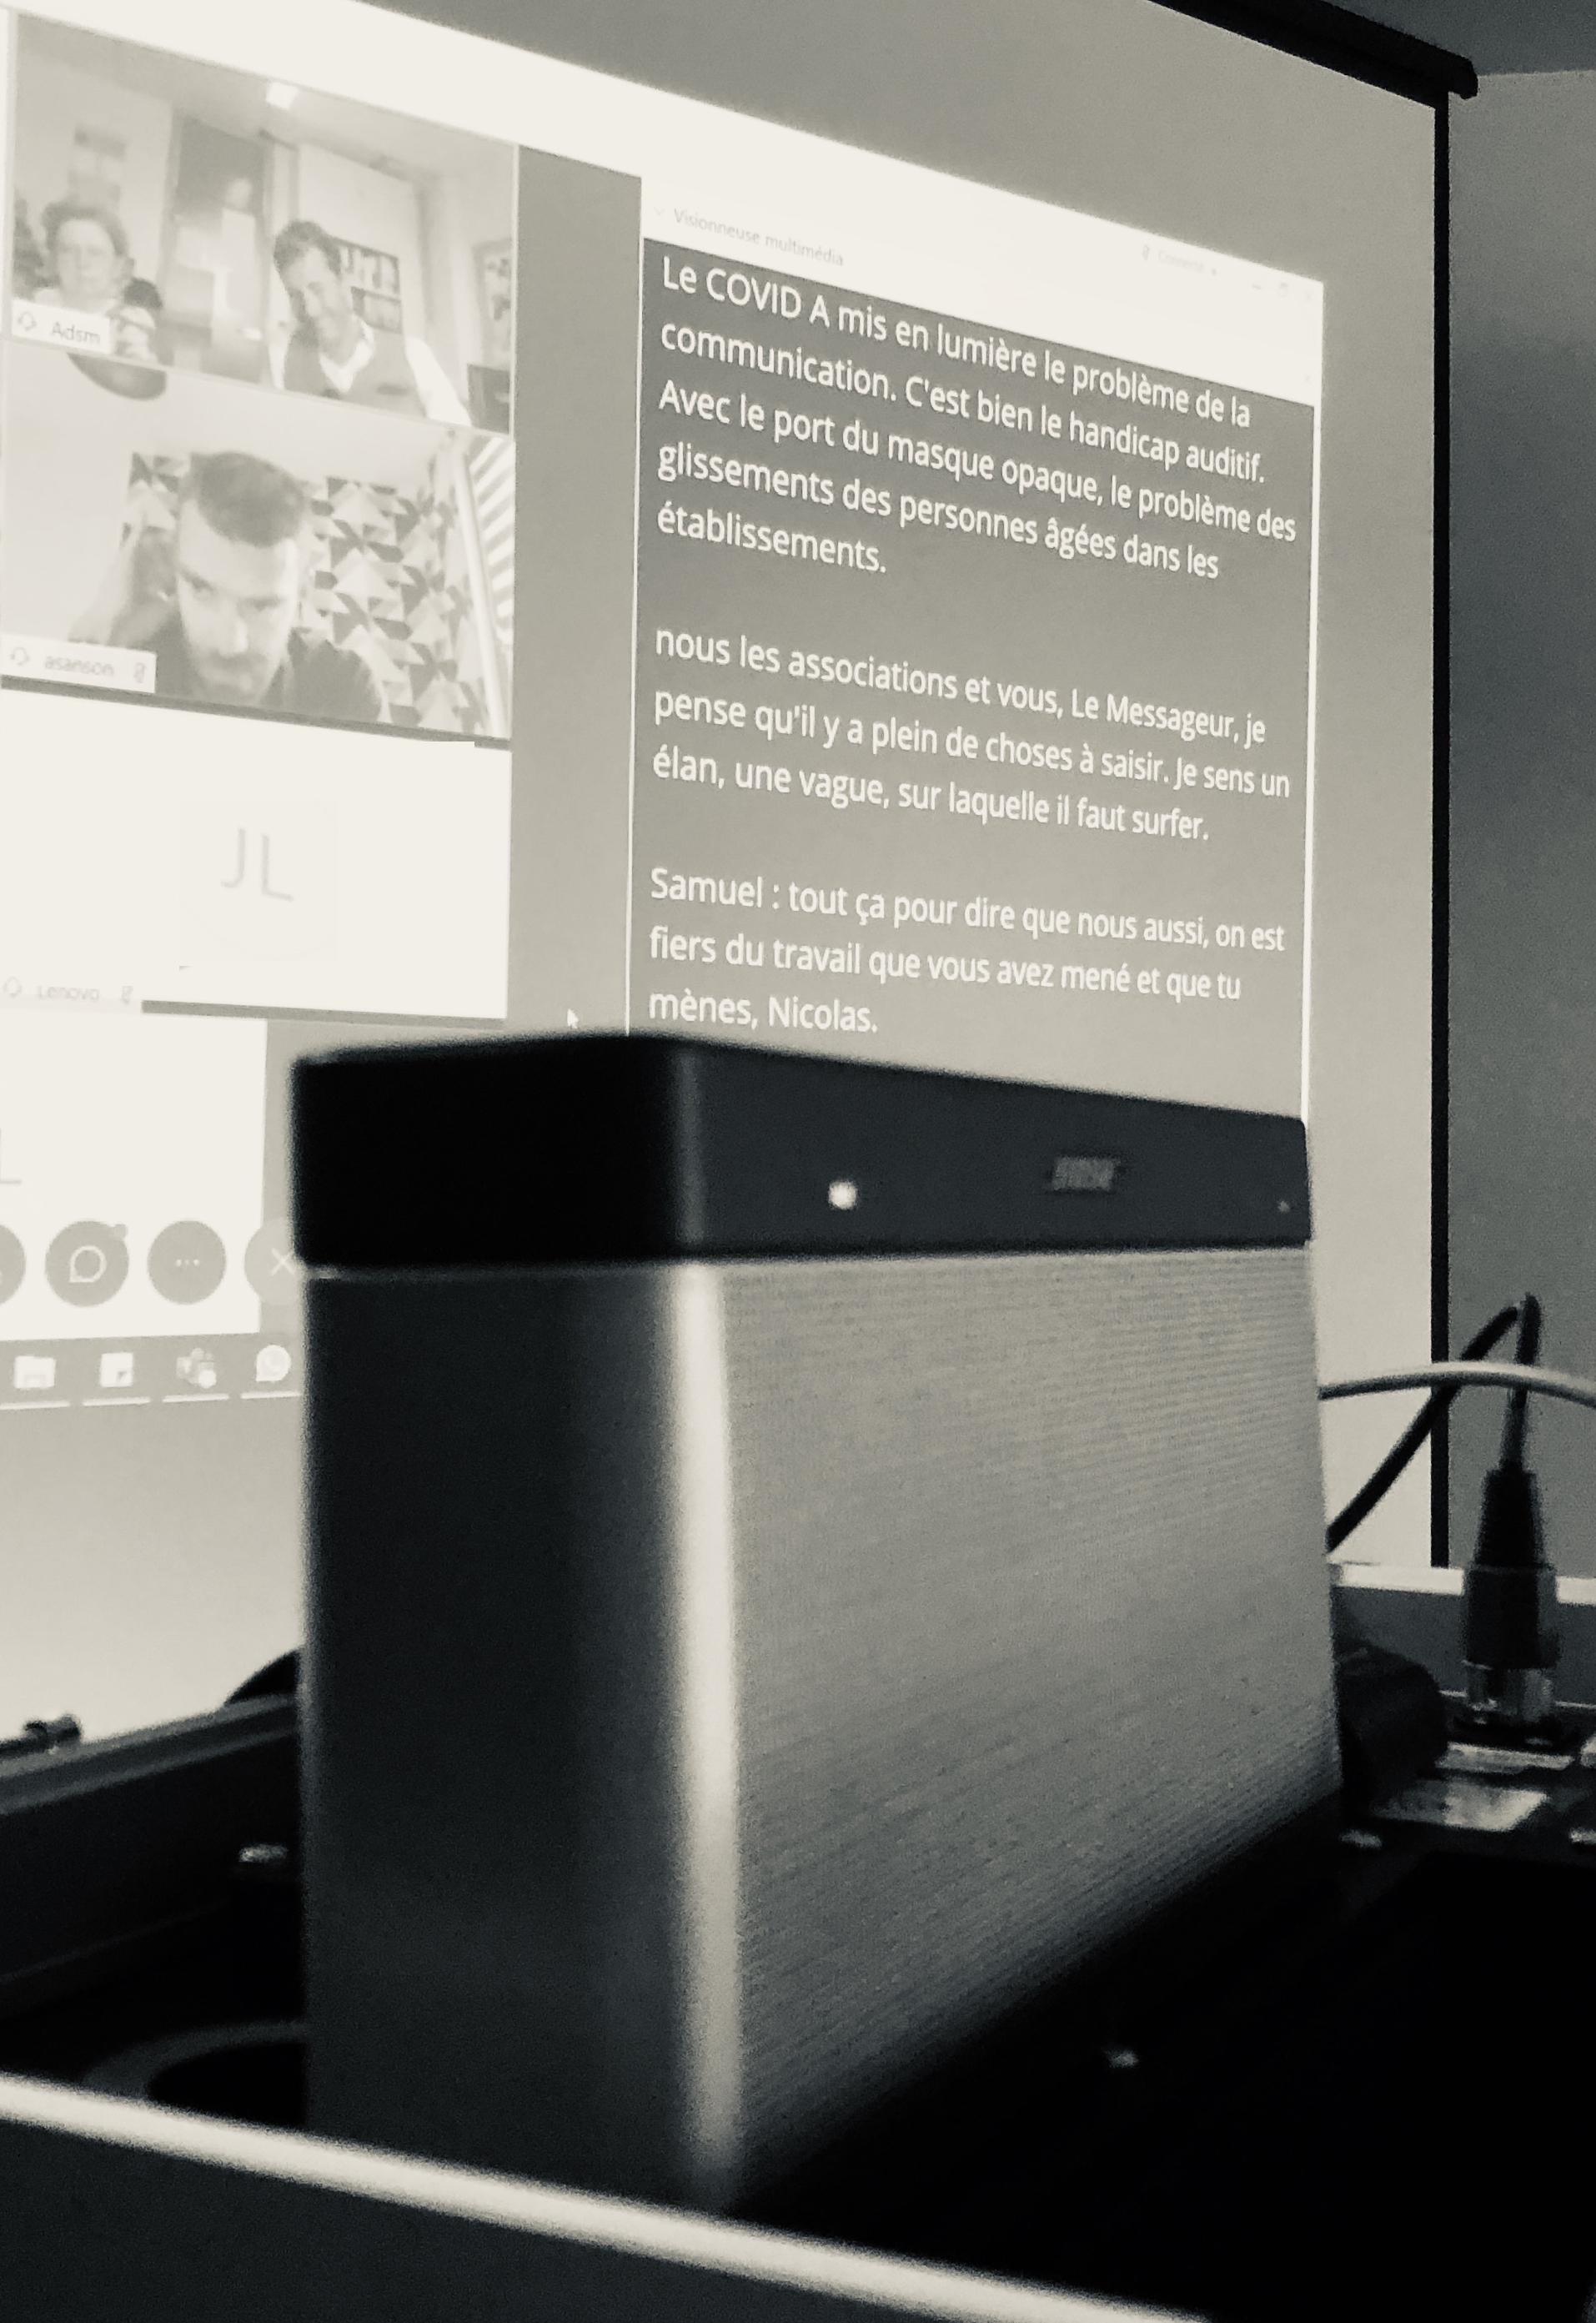 Valise Diluz, sono mobile utilisée pour les réunions qui mixent présentiel et distanciel